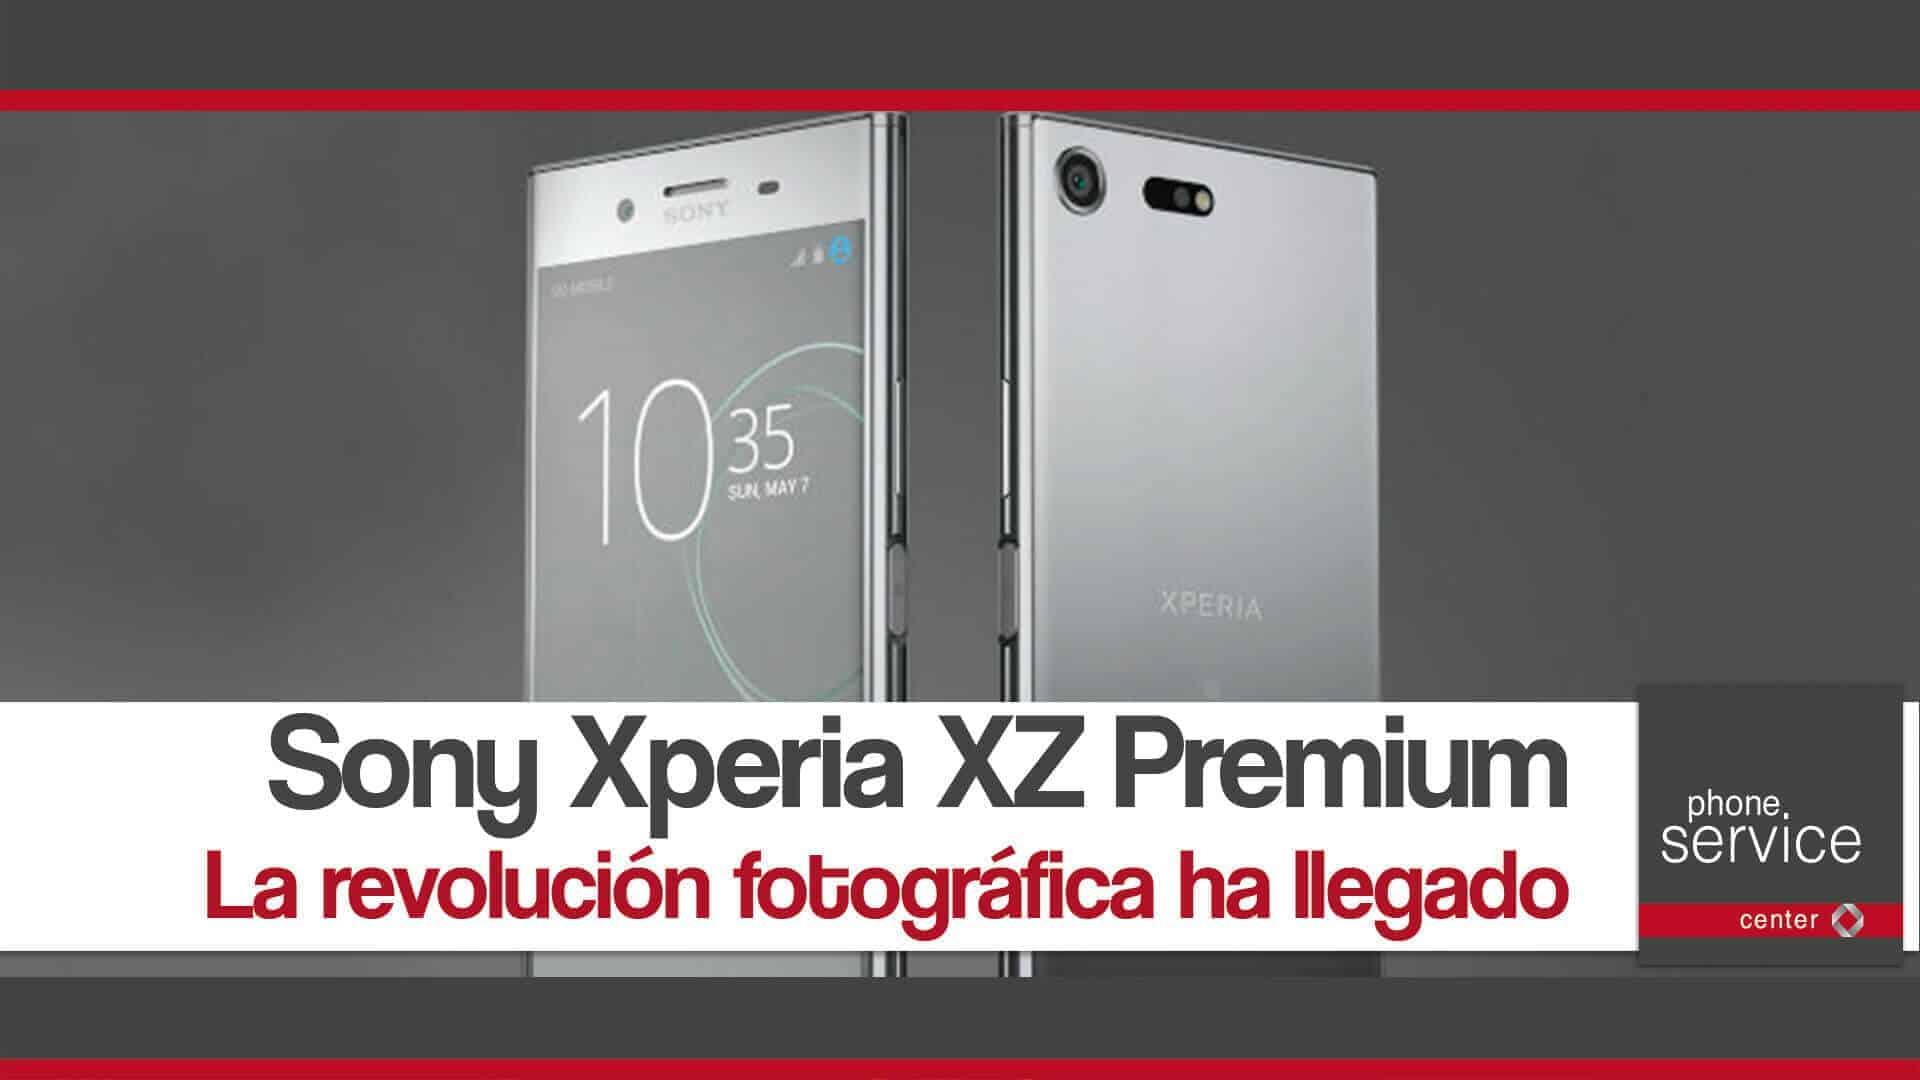 Sony Xperia XZ Premium revoluciona la fotografia